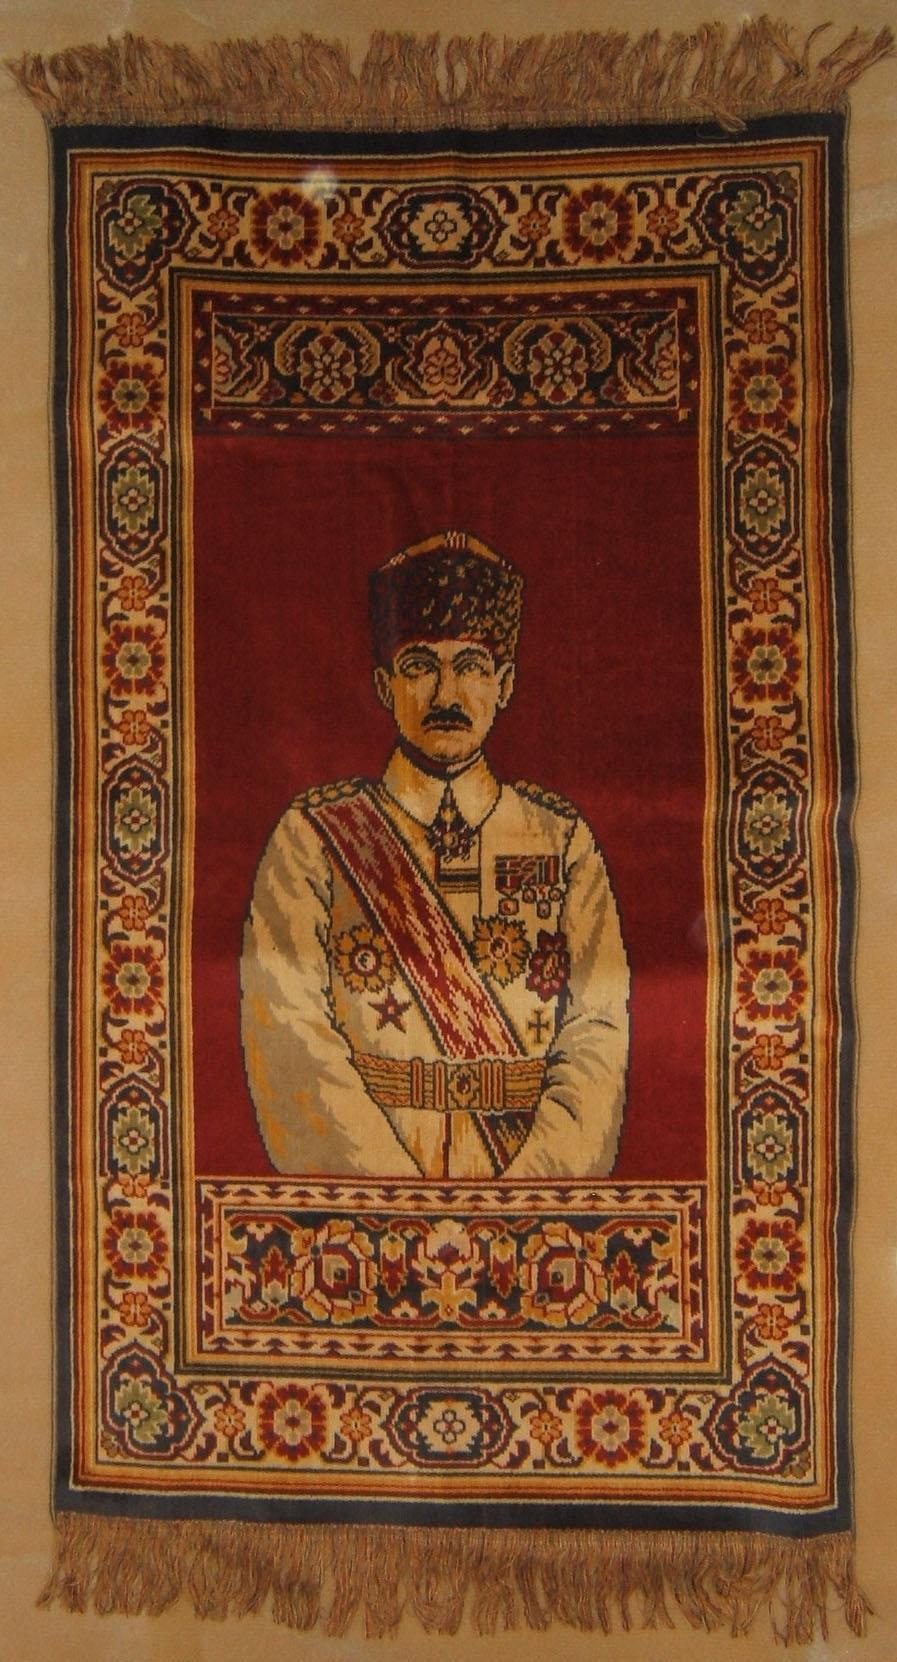 Mustafa Kemal [Atatürk] Jewish carpet by Alliance Israelite Universelle school, 1918